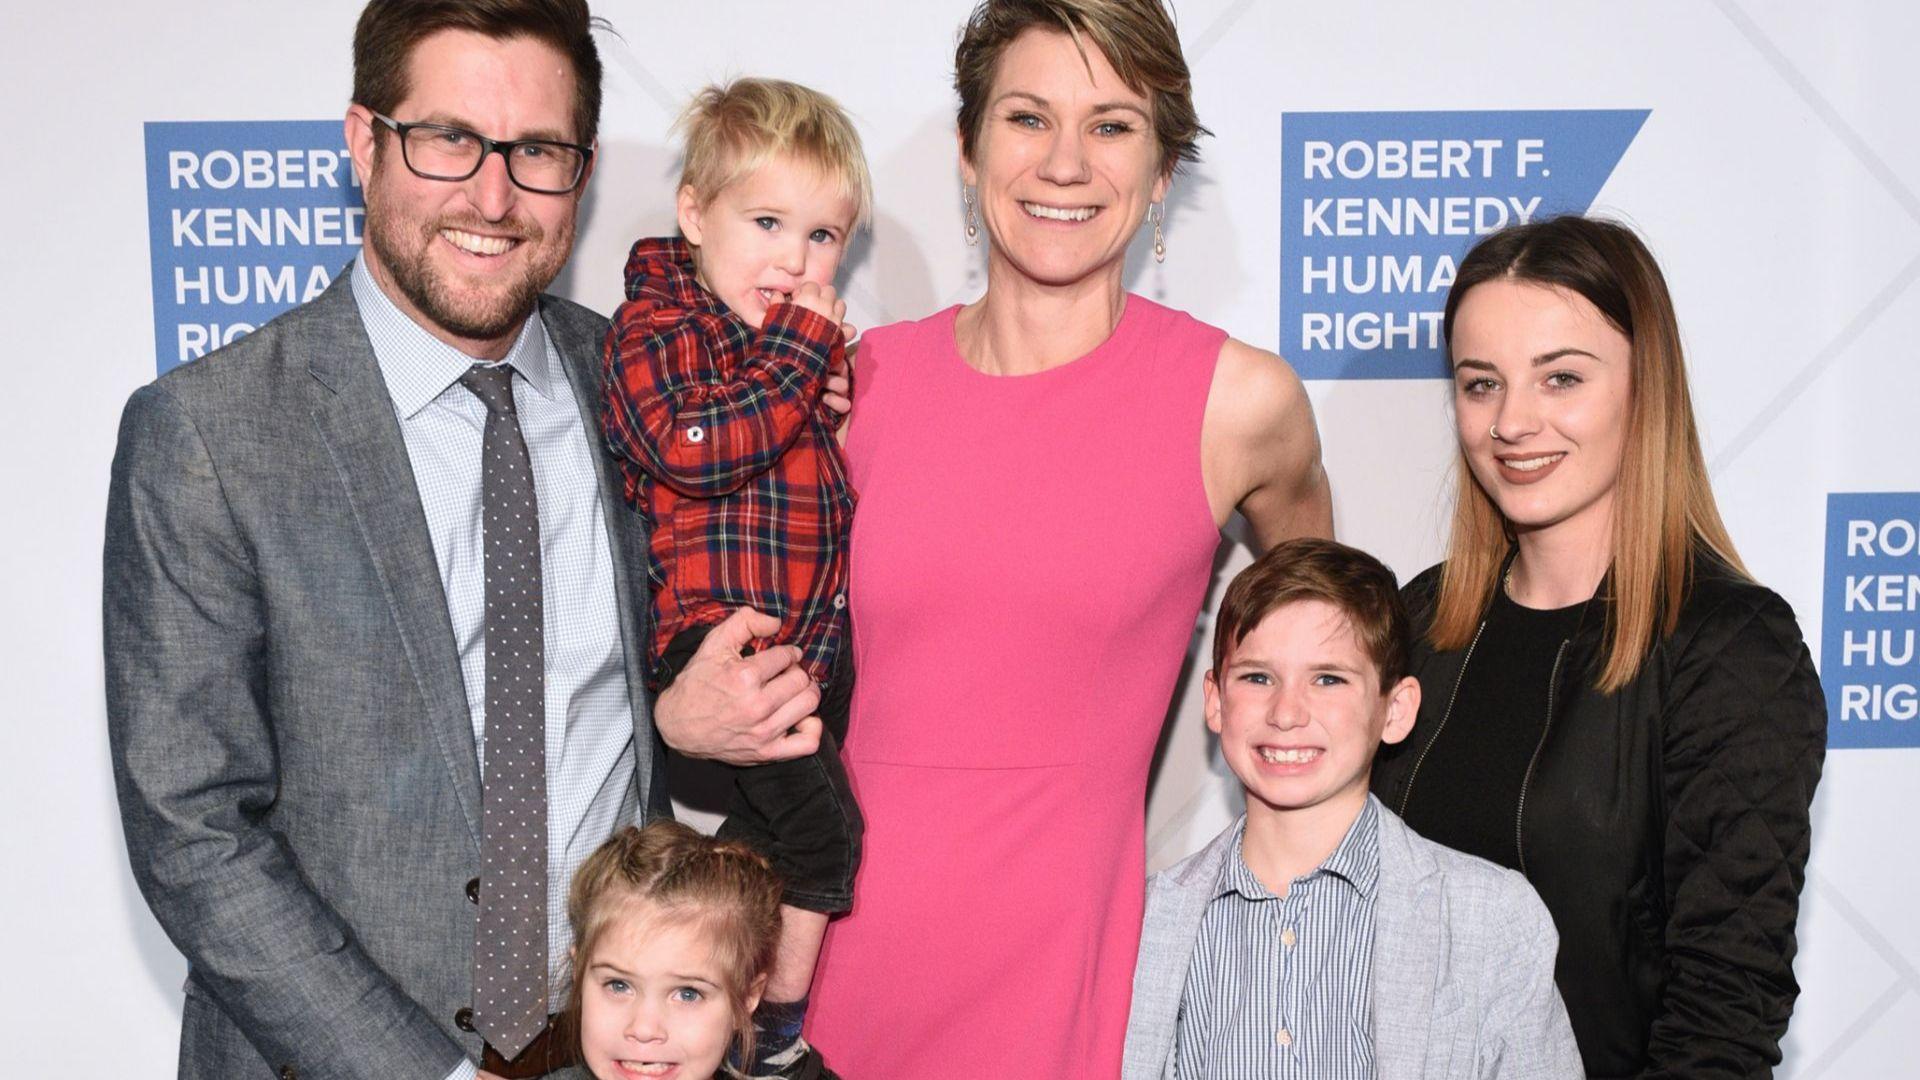 Водолази откриха тялото и на 8-годишния правнук на Робърт Кенеди